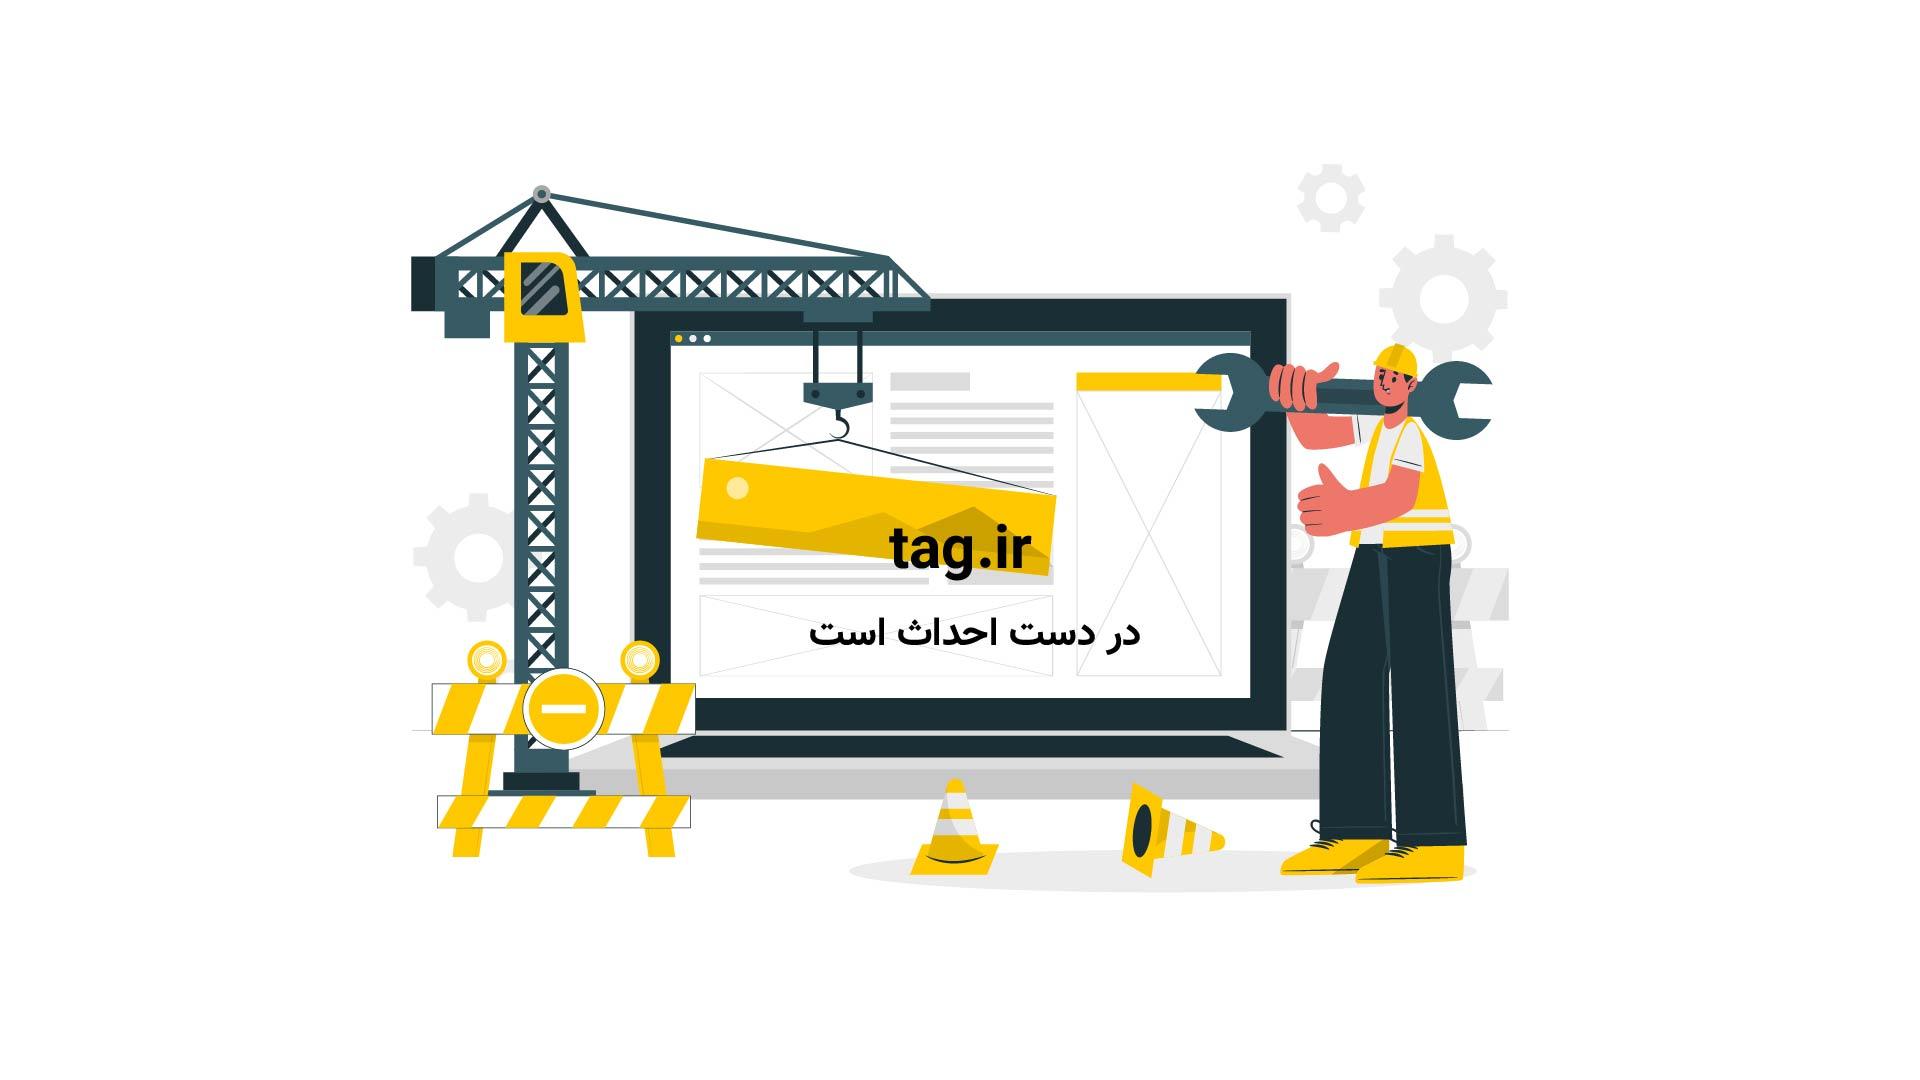 صومعه آلکوباکا